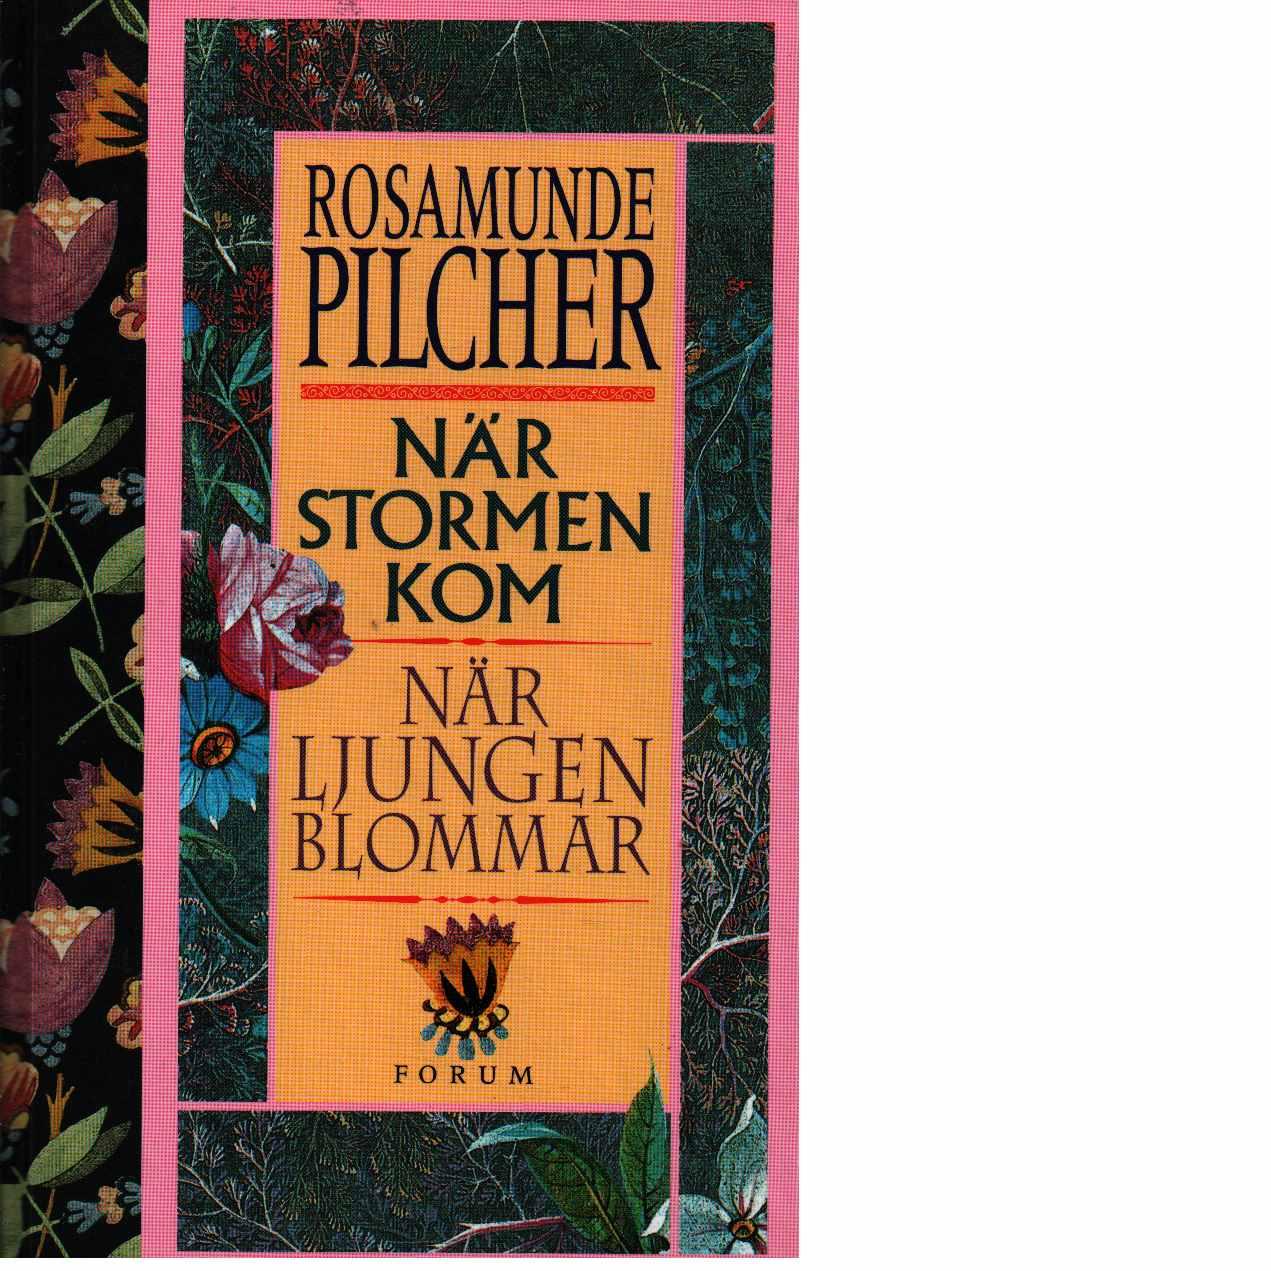 När stormen kom, När ljungen blommar - Pilcher, Rosamunde